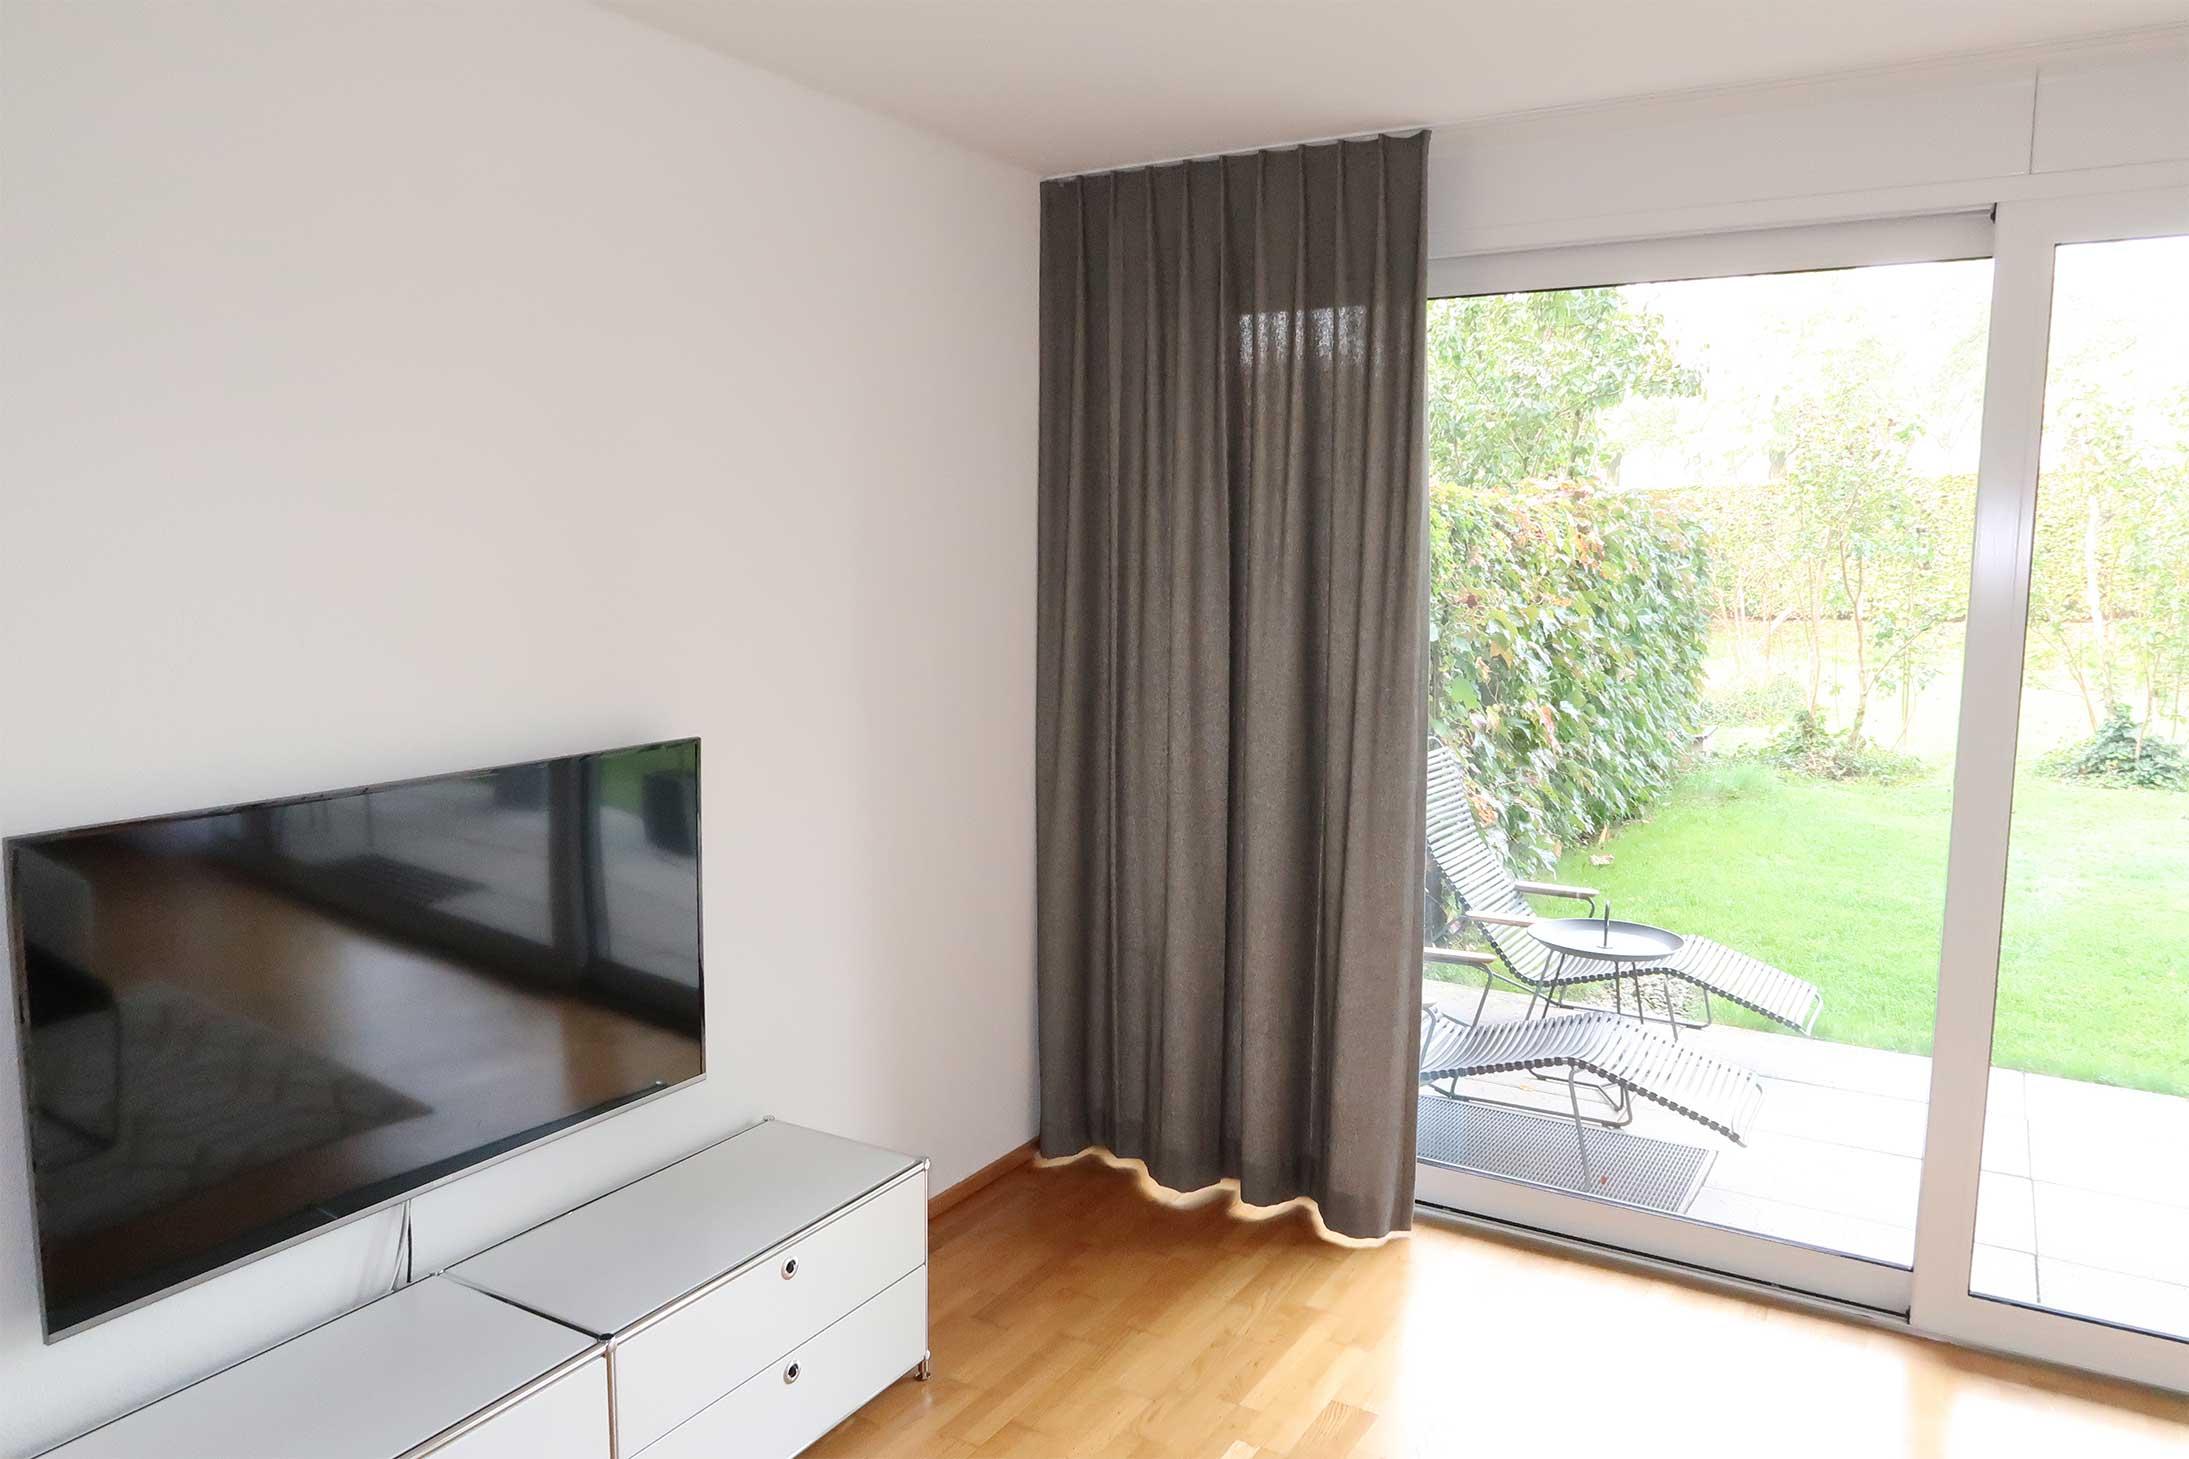 nachtvorhang amden schachbrett muster schwarz weiss baumwolle. Black Bedroom Furniture Sets. Home Design Ideas